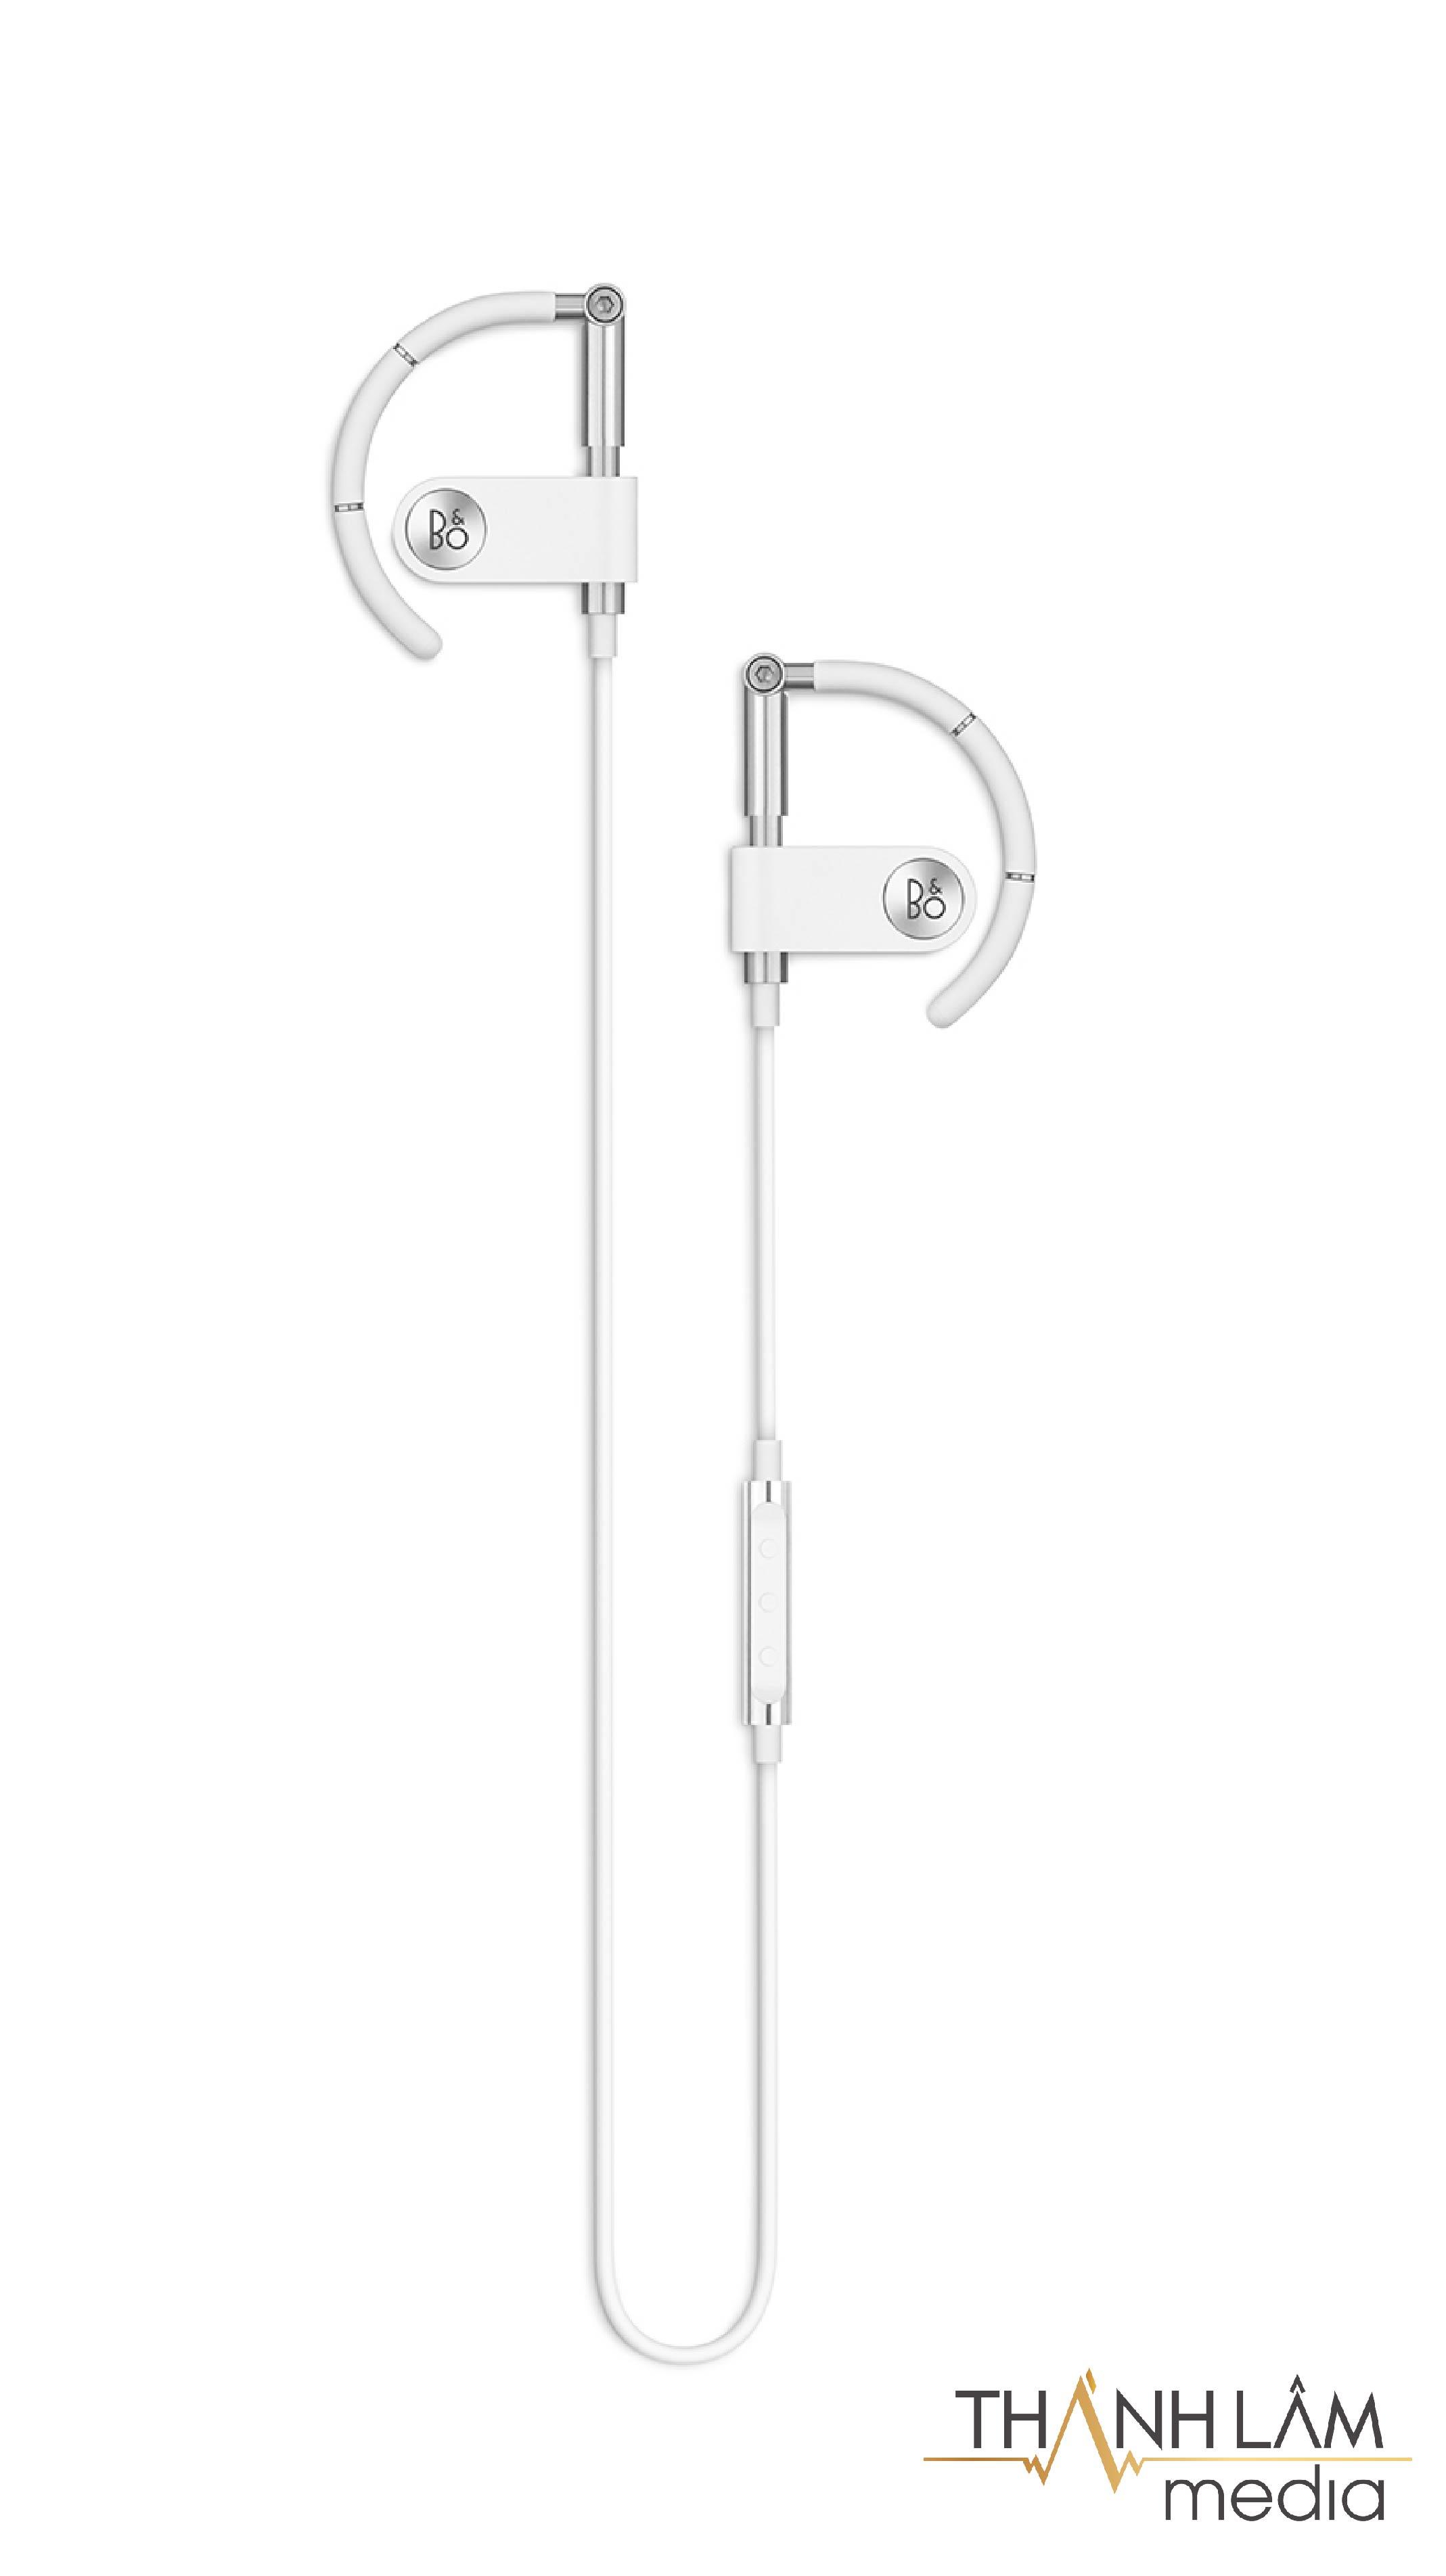 beoplay-earser-wireless-02